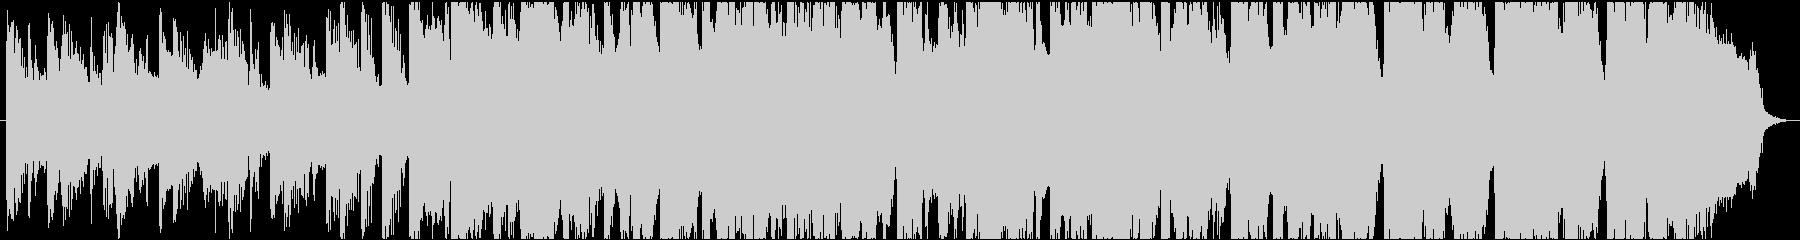 30秒CM用 清涼感のあるバイオリン曲の未再生の波形